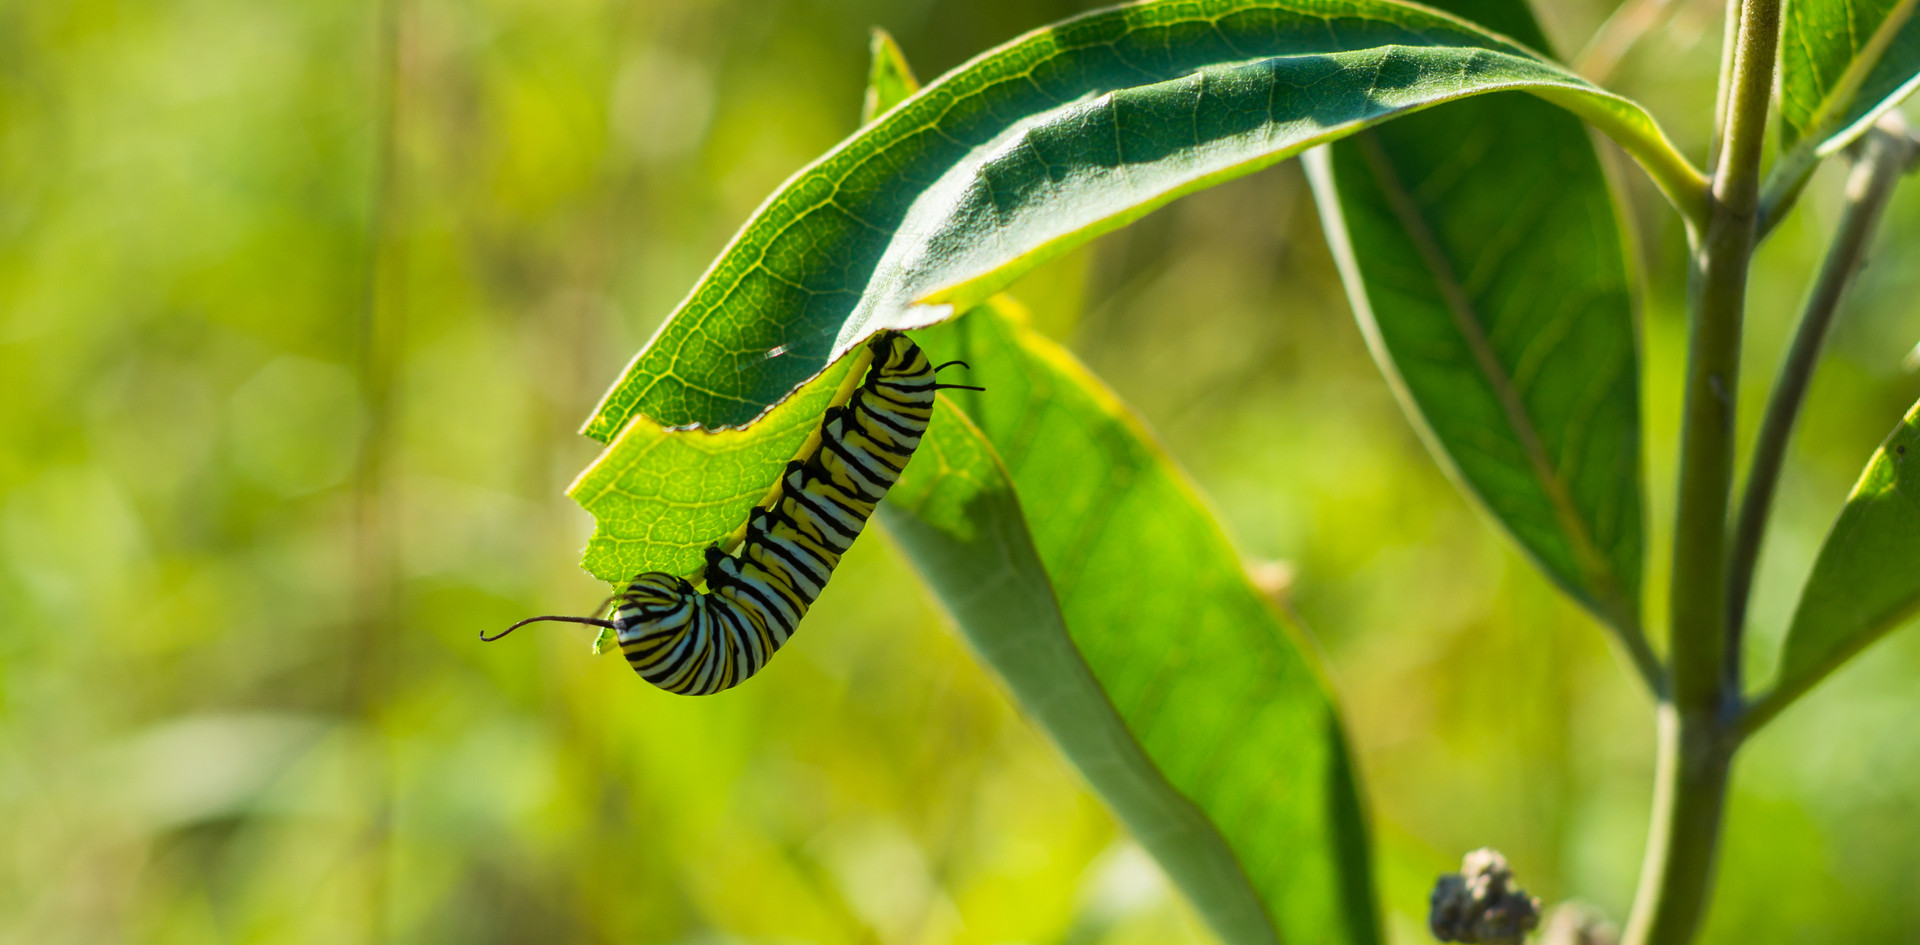 5th Instar Caterpillar On Milkweed